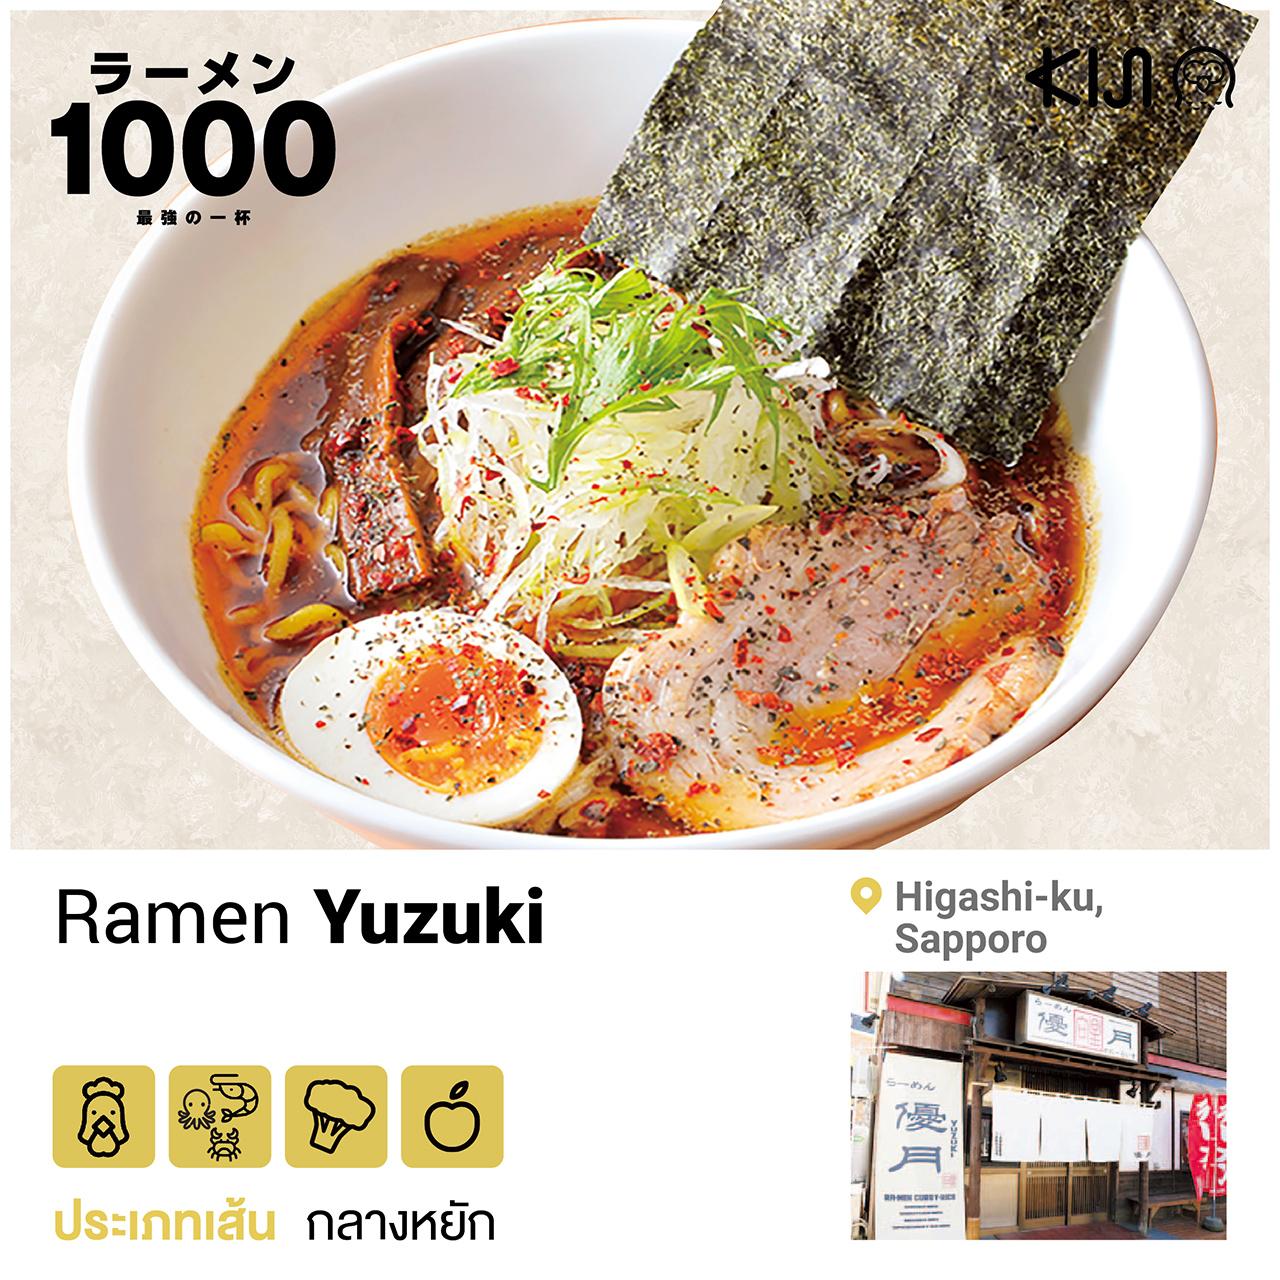 ร้านราเมน เขตฮิกาชิ เมืองซัปโปโร จ.ฮอกไกโด - Ramen Yuzuki